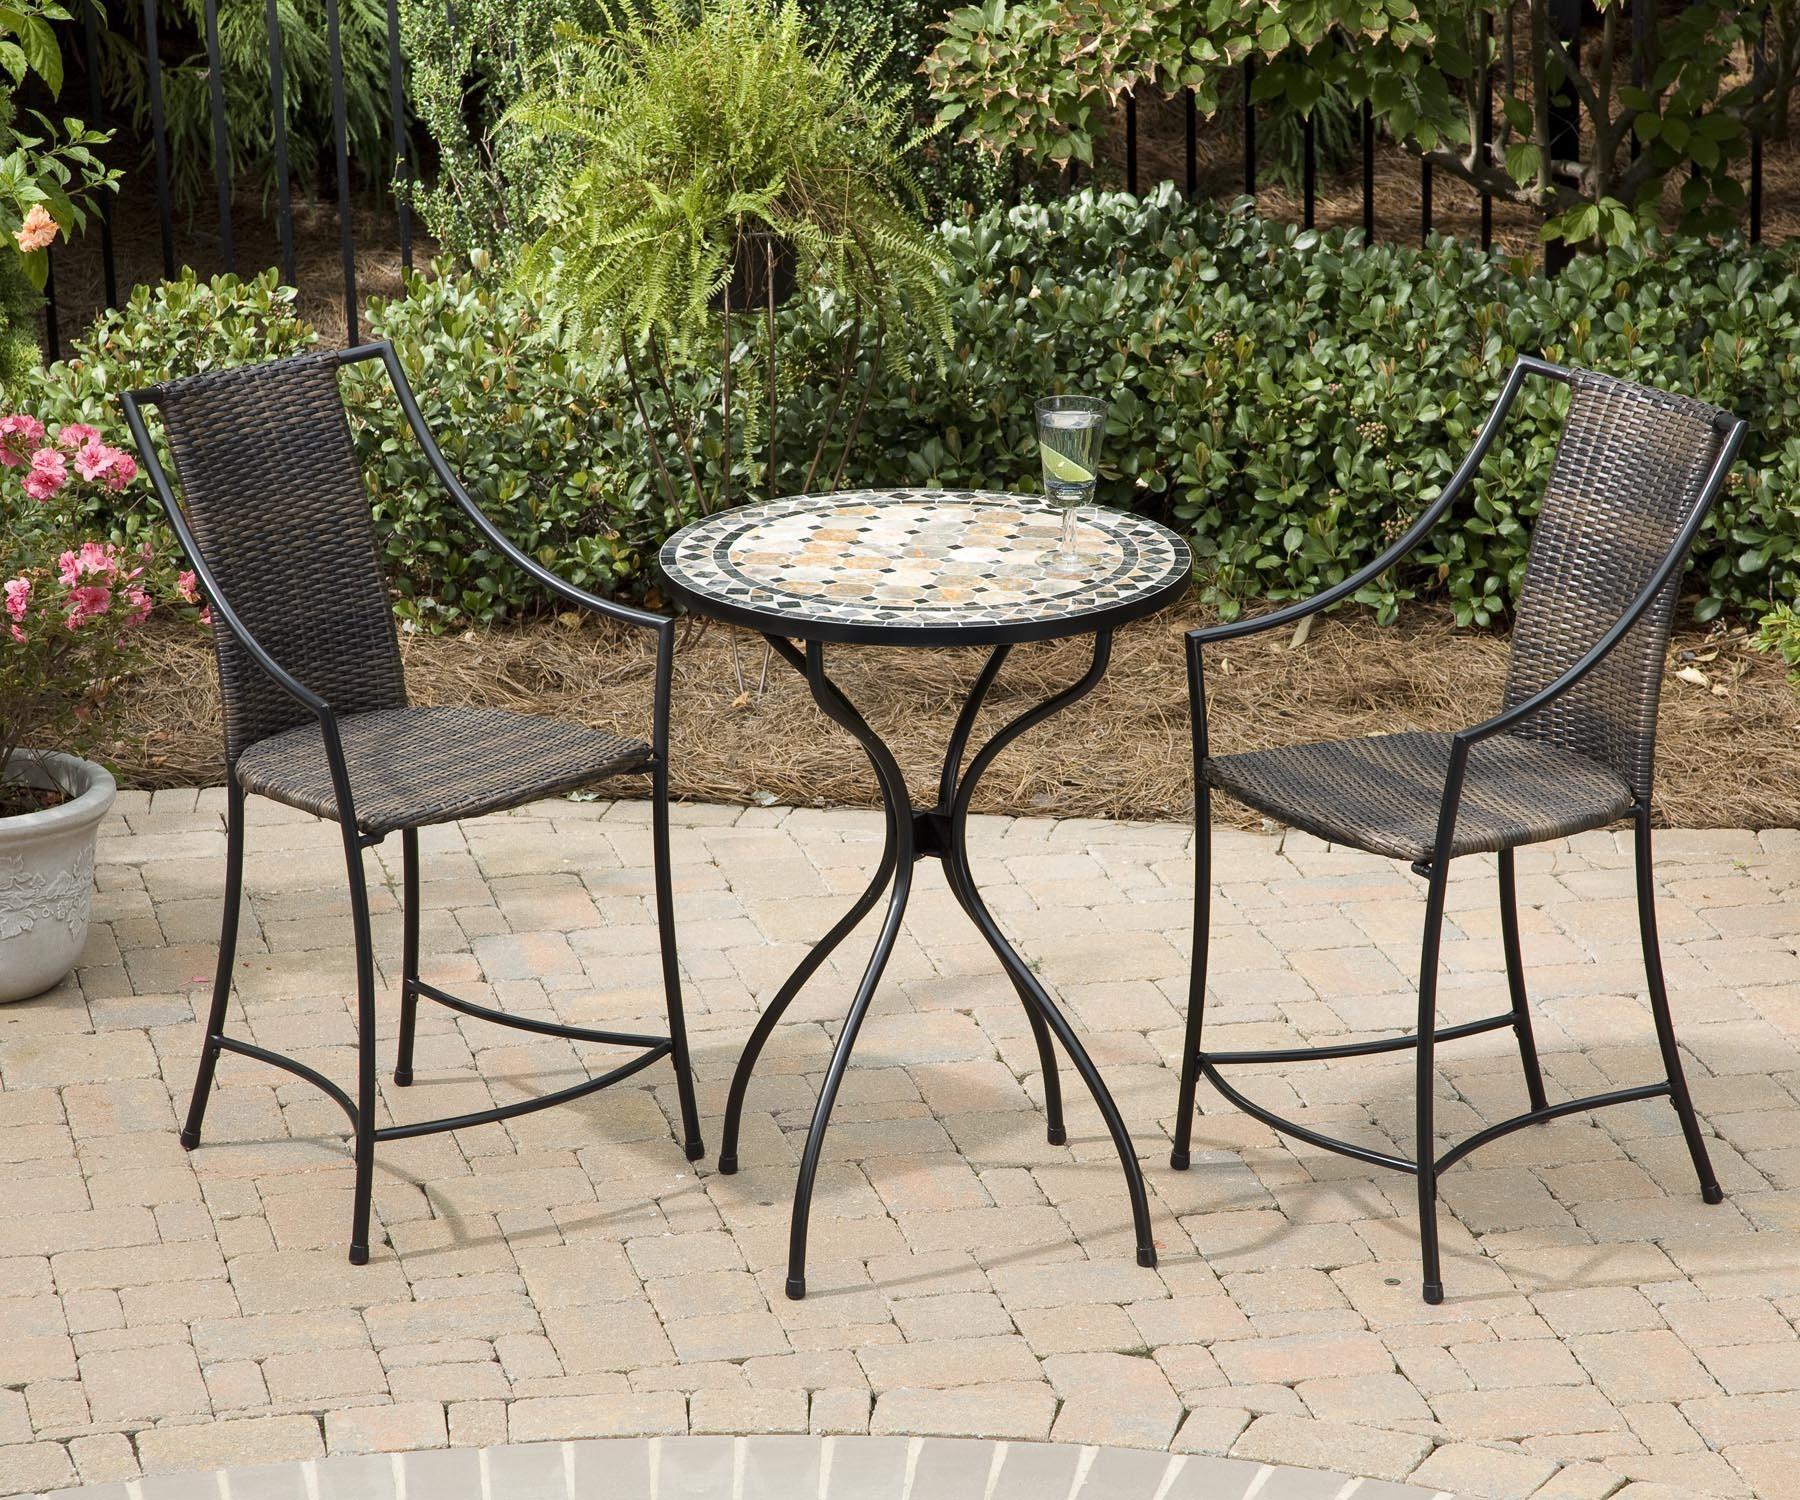 Bistro Sets Outdoor Patio Table